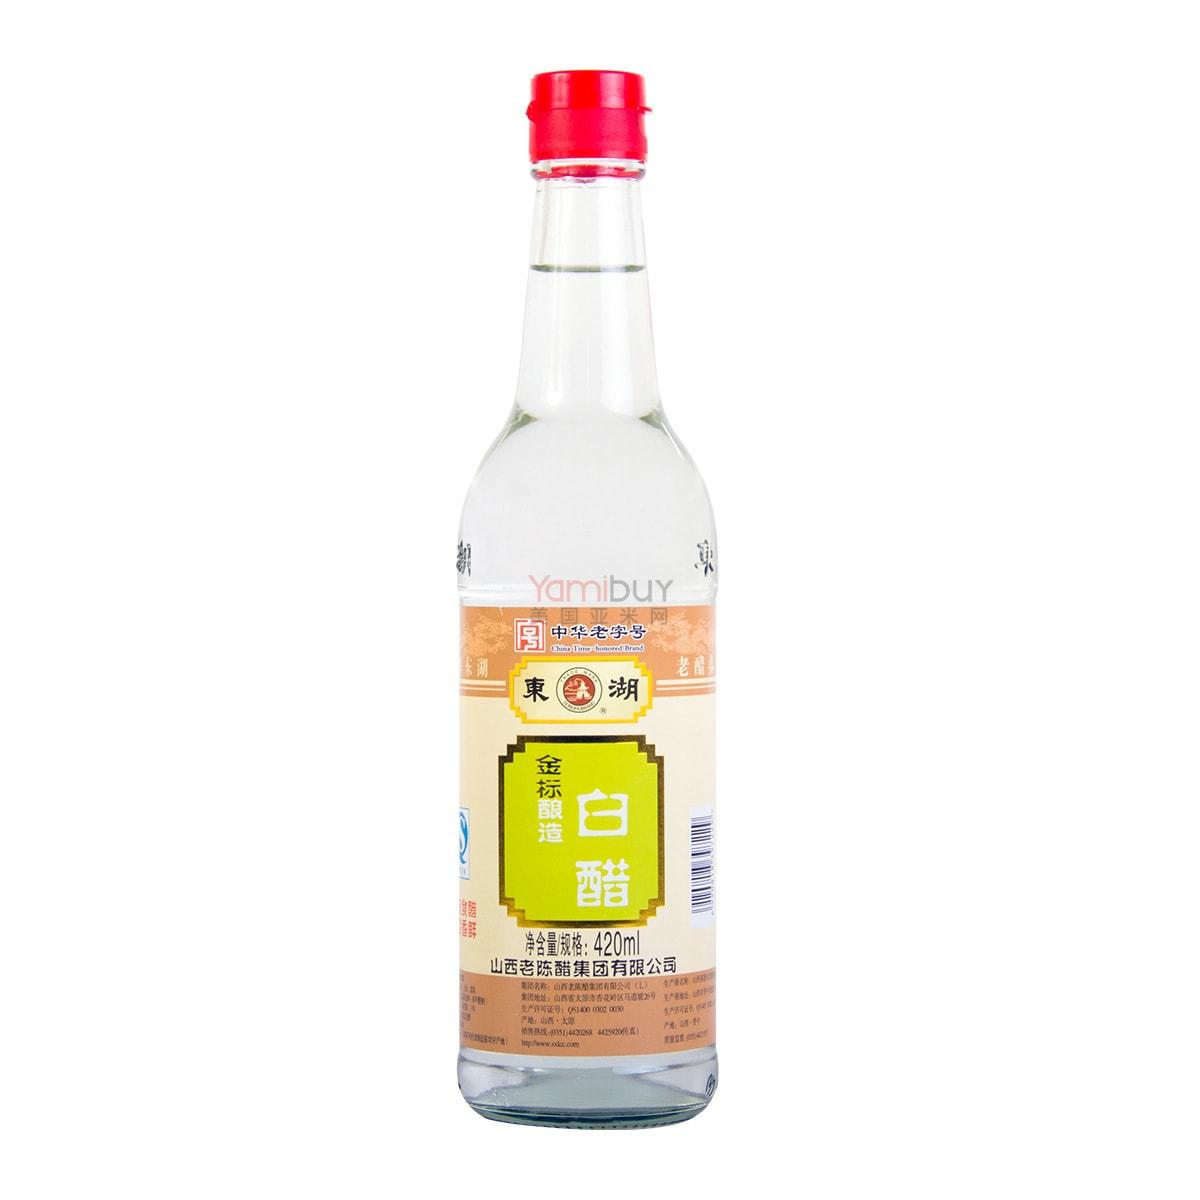 东湖 金标酿造白醋 420ml